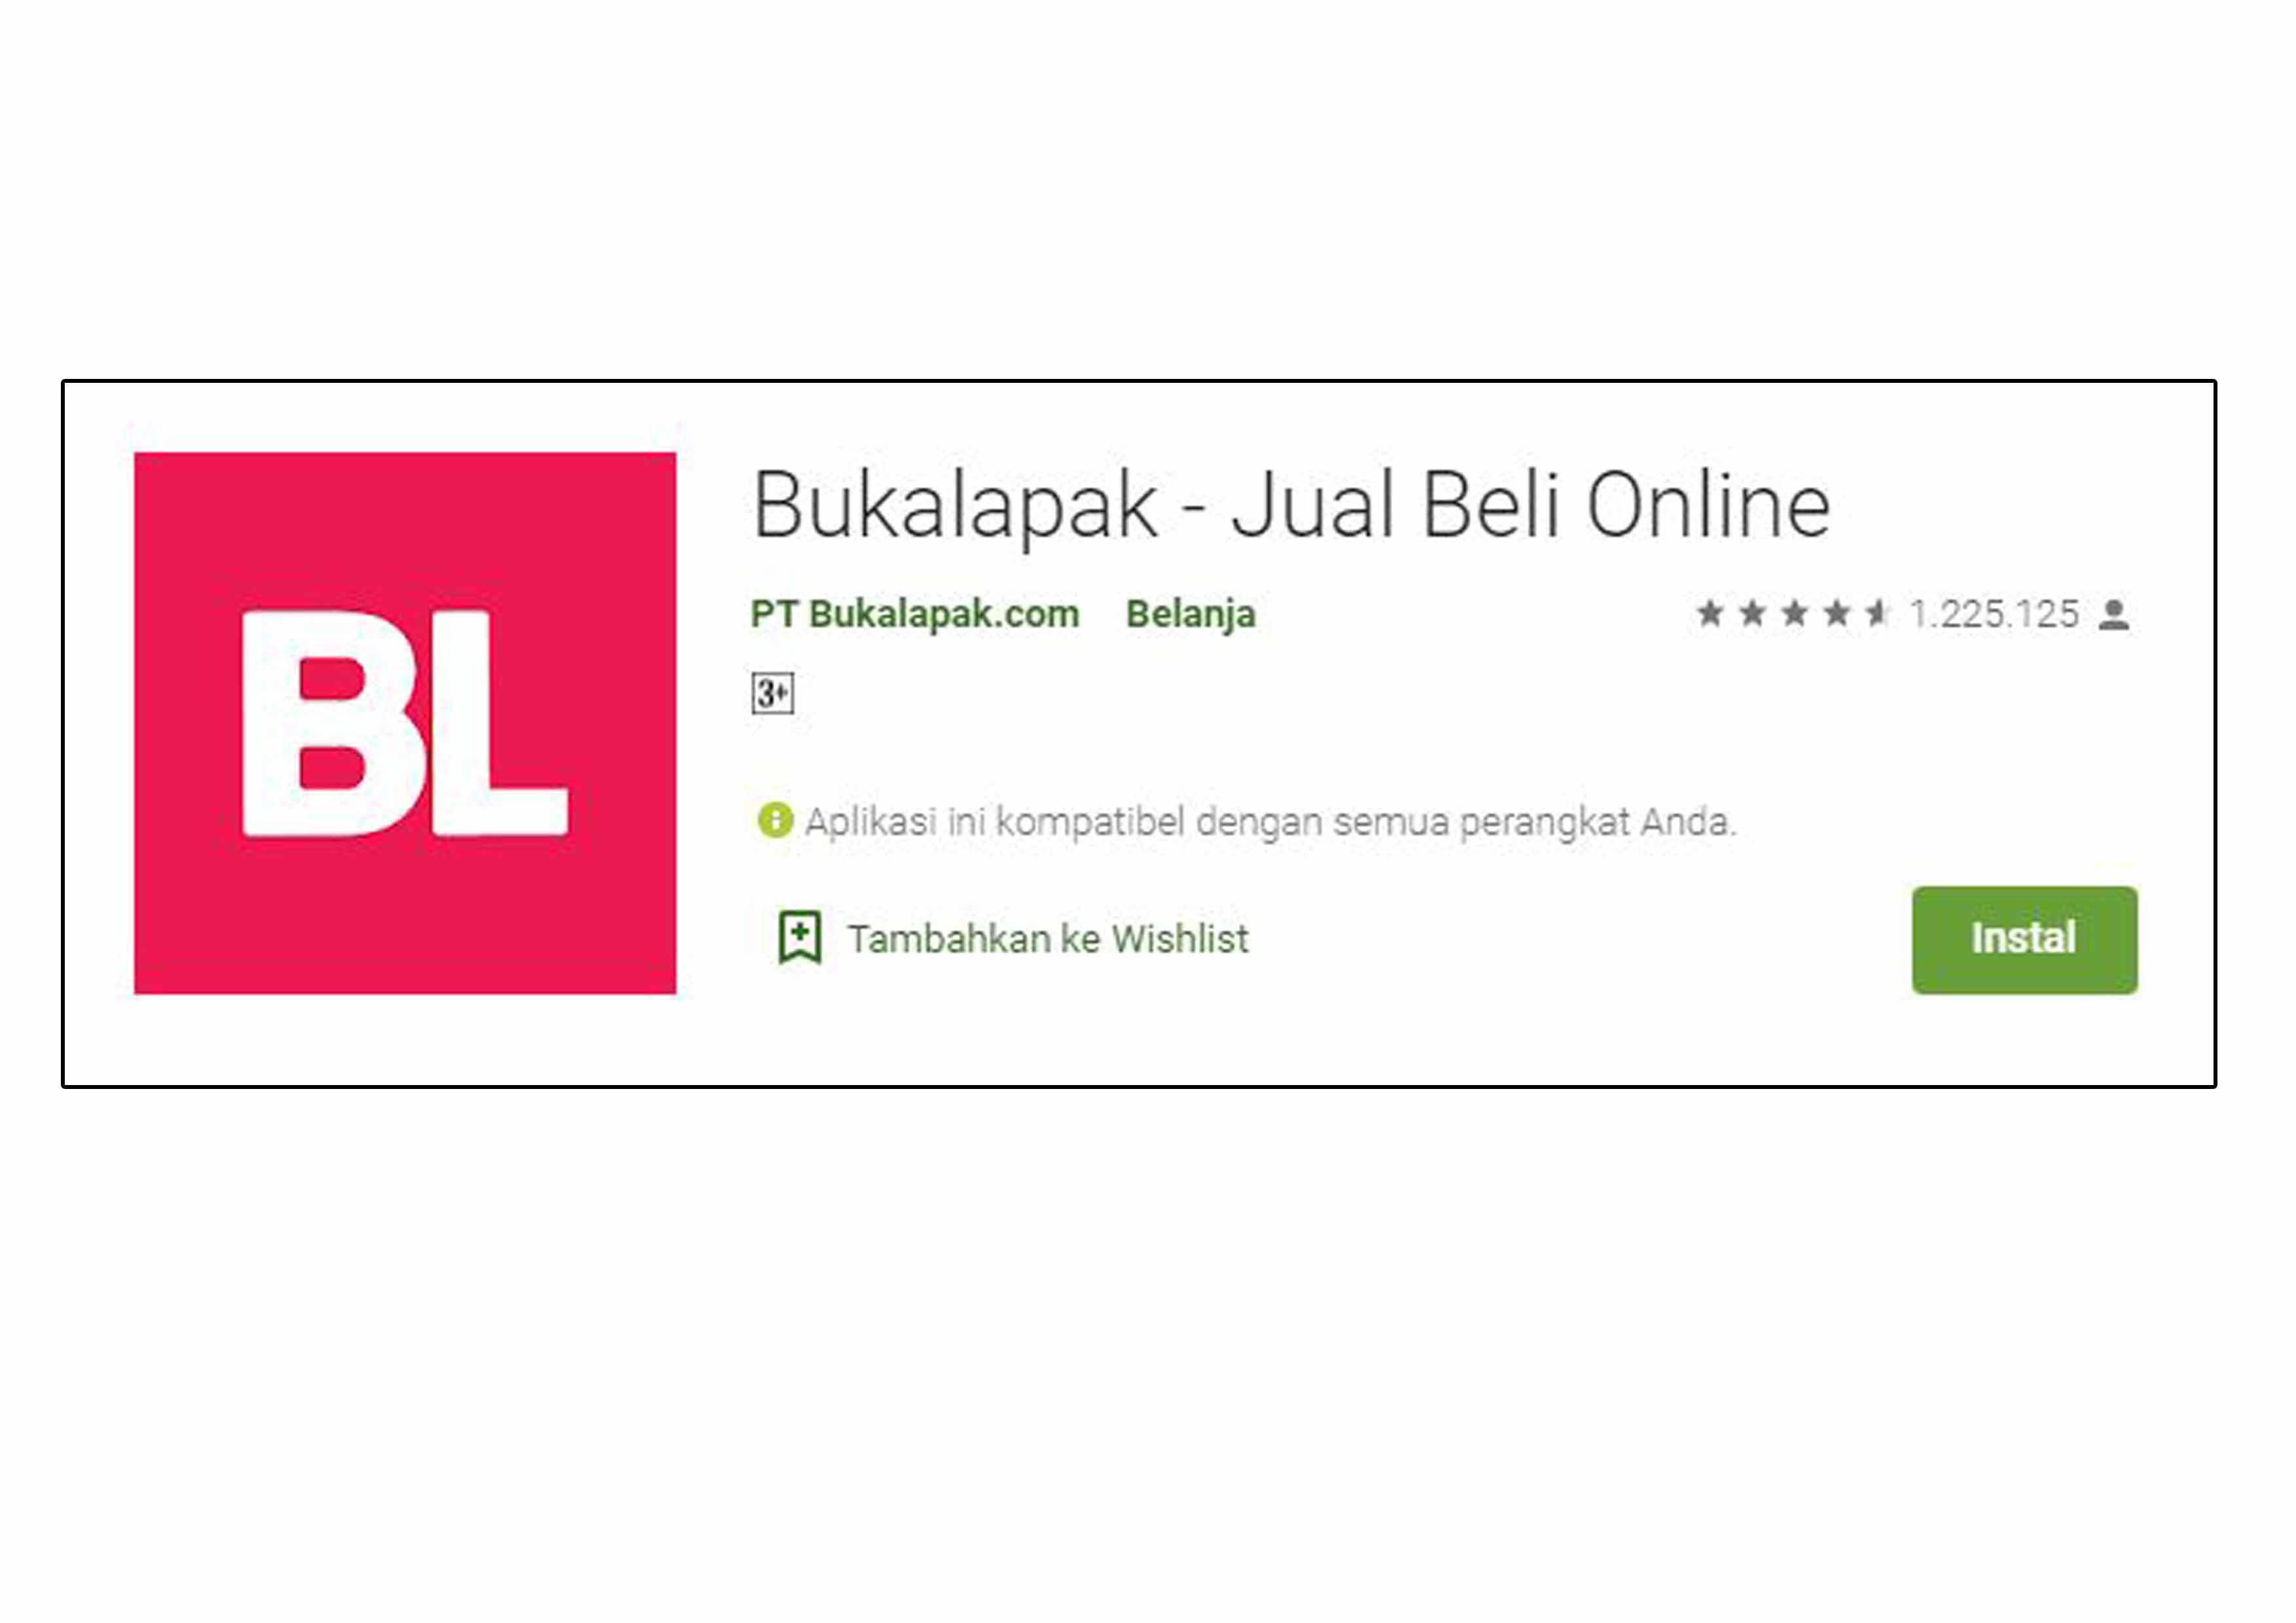 Aplikasi Bukalapak Playstore Full Apk 2019